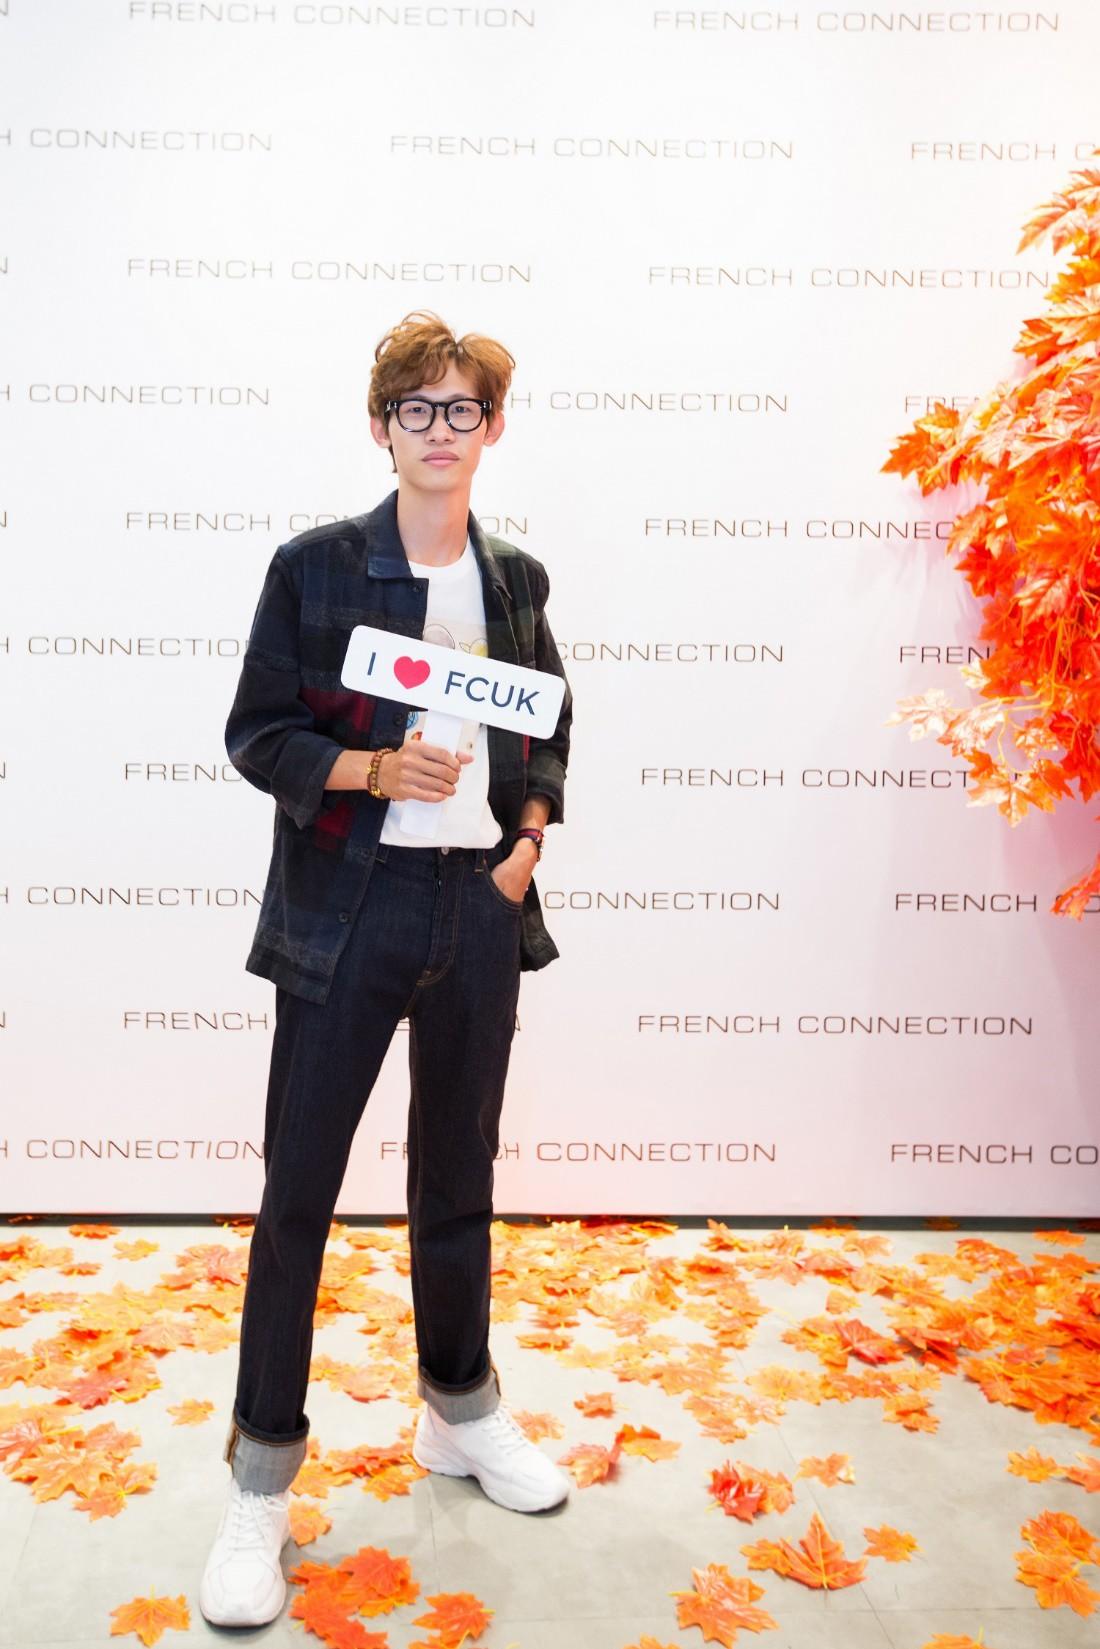 Á hậu Tú Anh ngẫu hứng phối đồ phong cách cho diễn viên Lương Thanh ngay tại sự kiện thời trang - Ảnh 8.